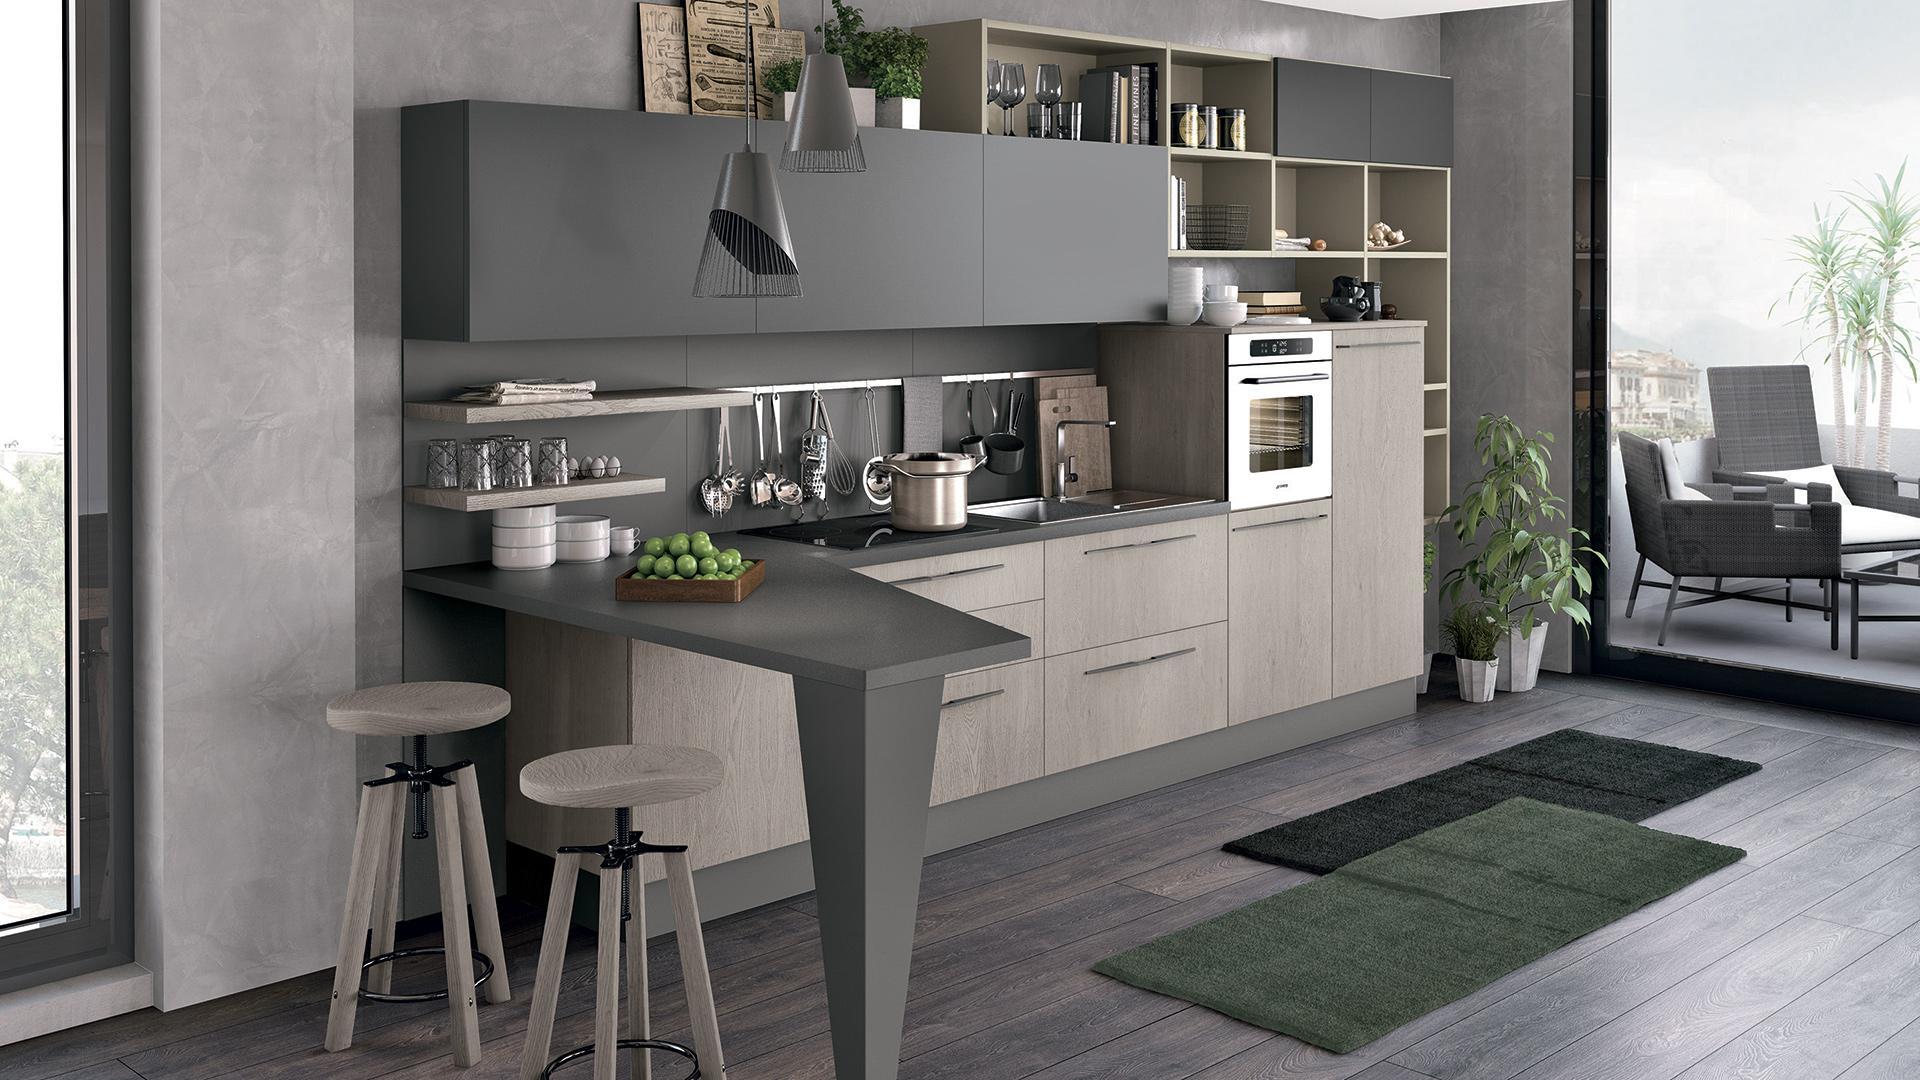 Cucine lube ad angolo i suggerimenti per arredare lube - Cucine idee e soluzioni ...